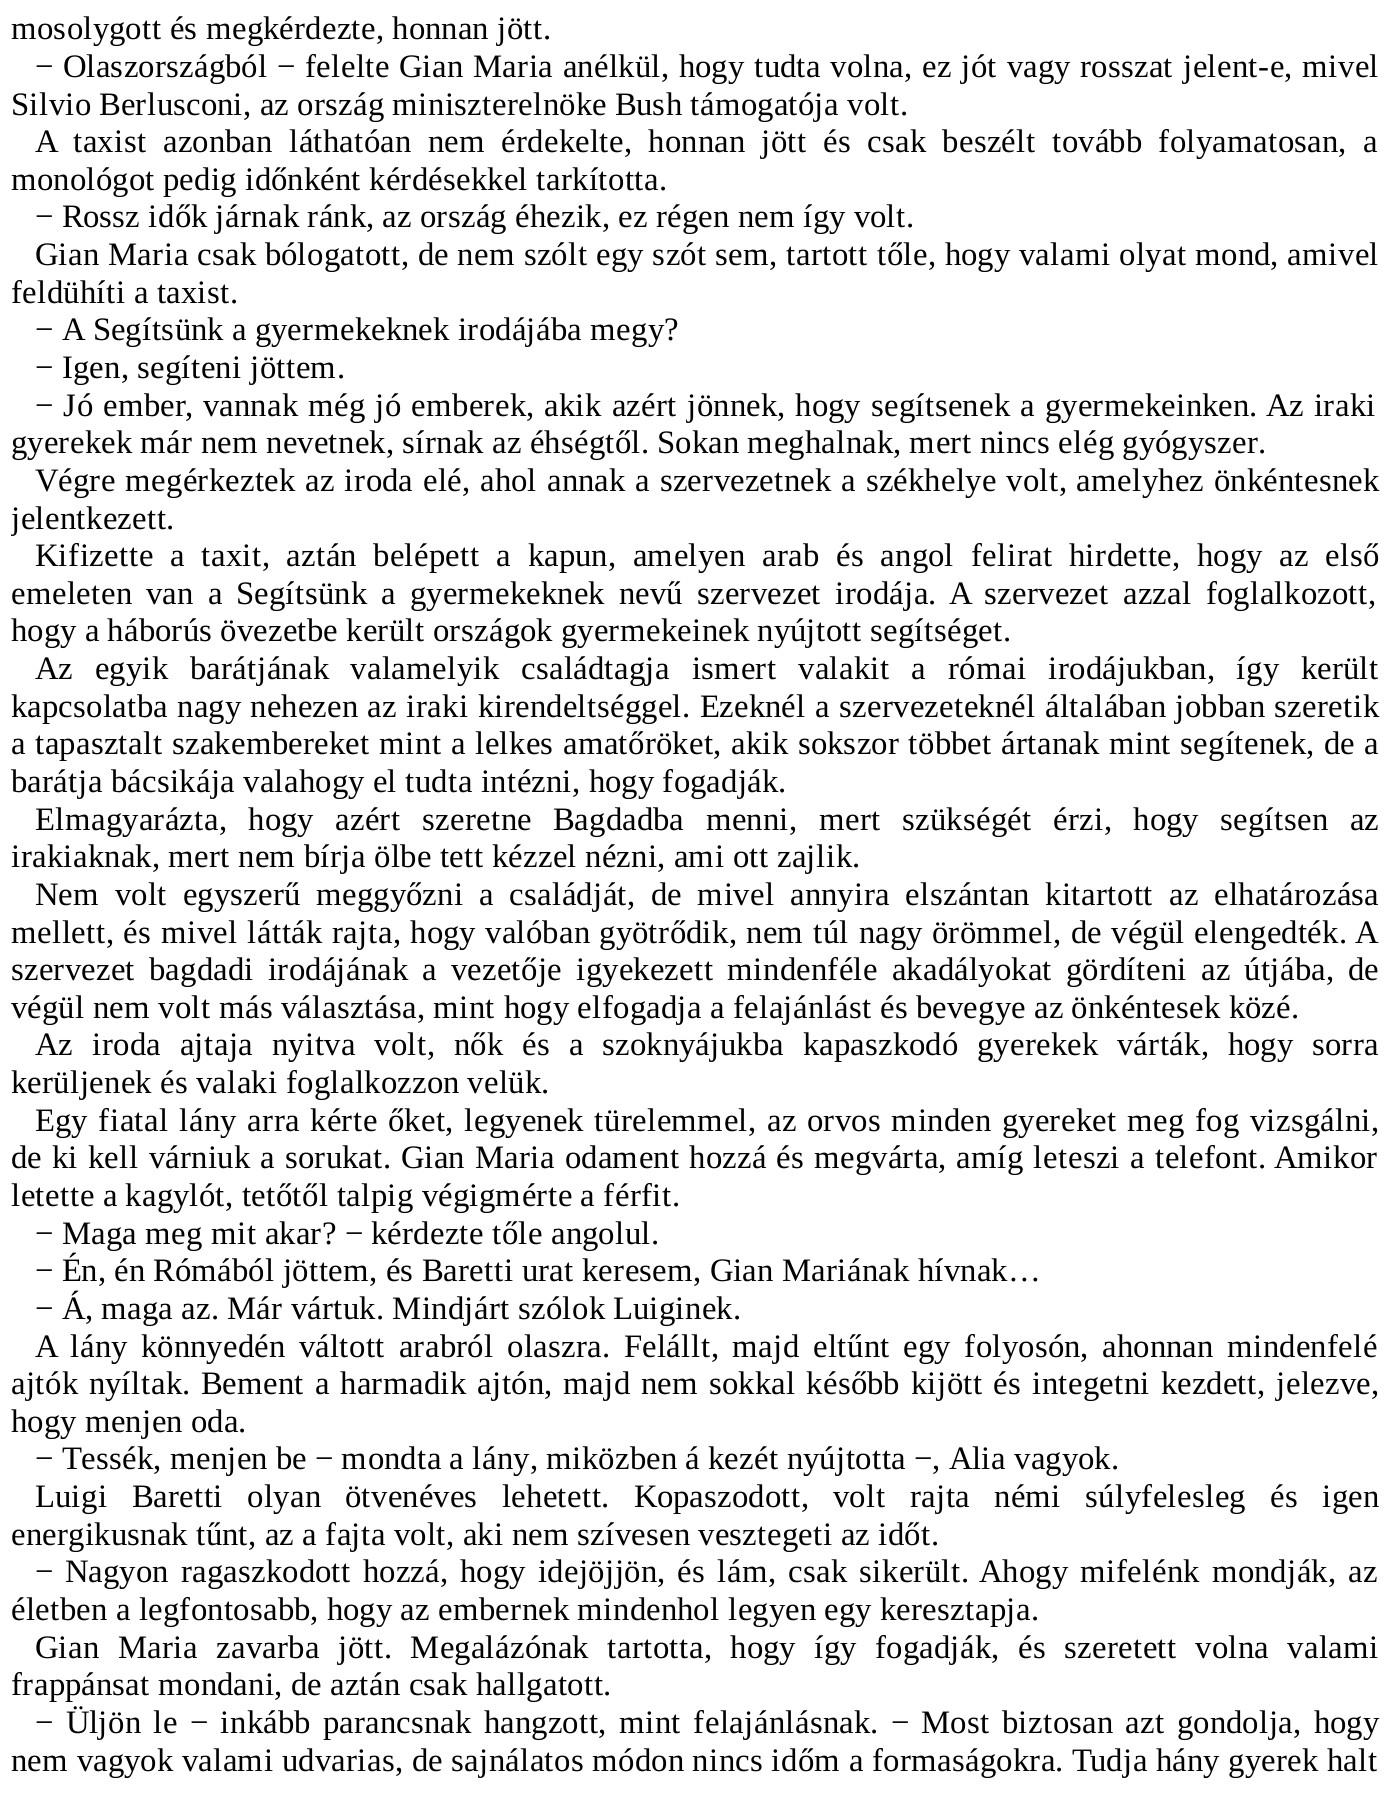 Infarktushoz vezethet | Új Szó | A szlovákiai magyar napilap és hírportál